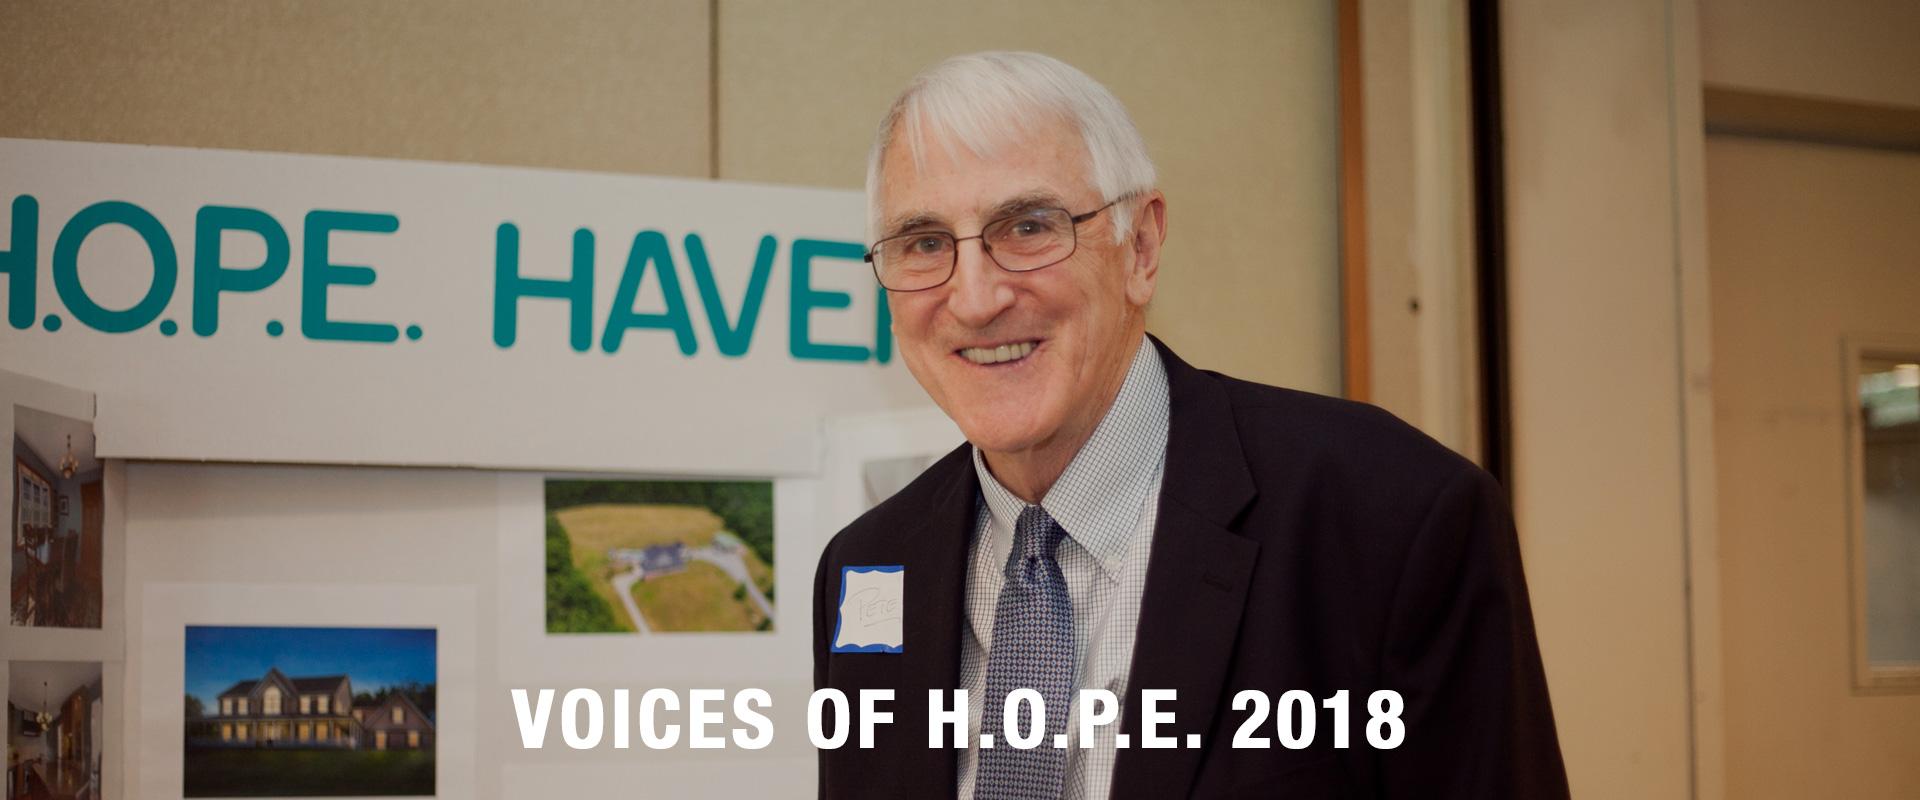 Voices of H.O.P.E. 2018 - 2